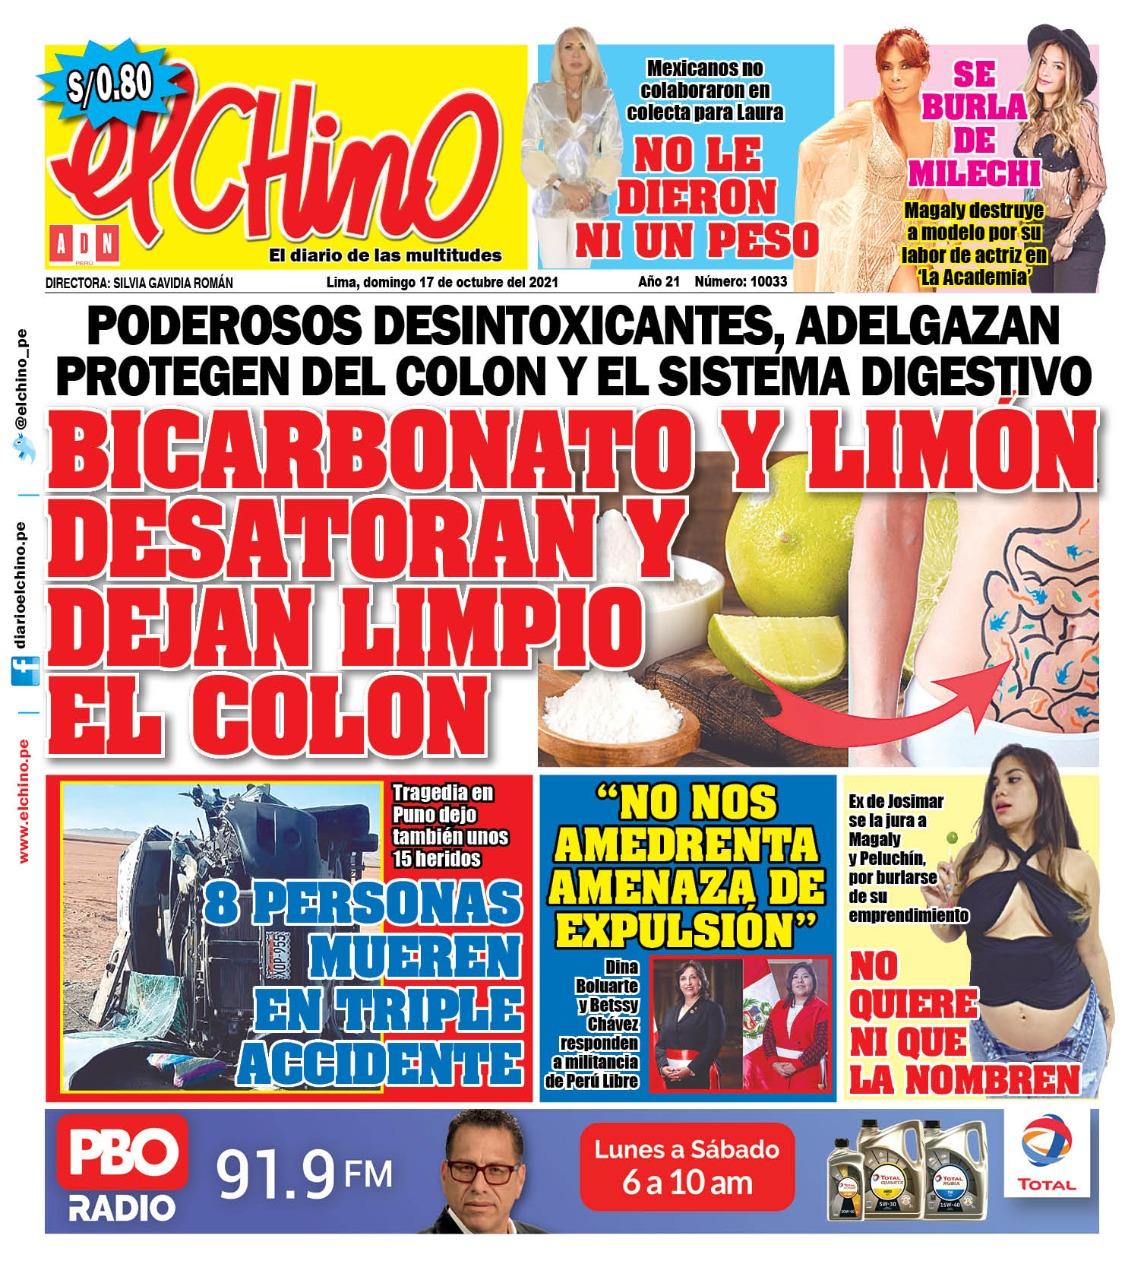 Portada impresa – Diario El Chino (17/10/2021)